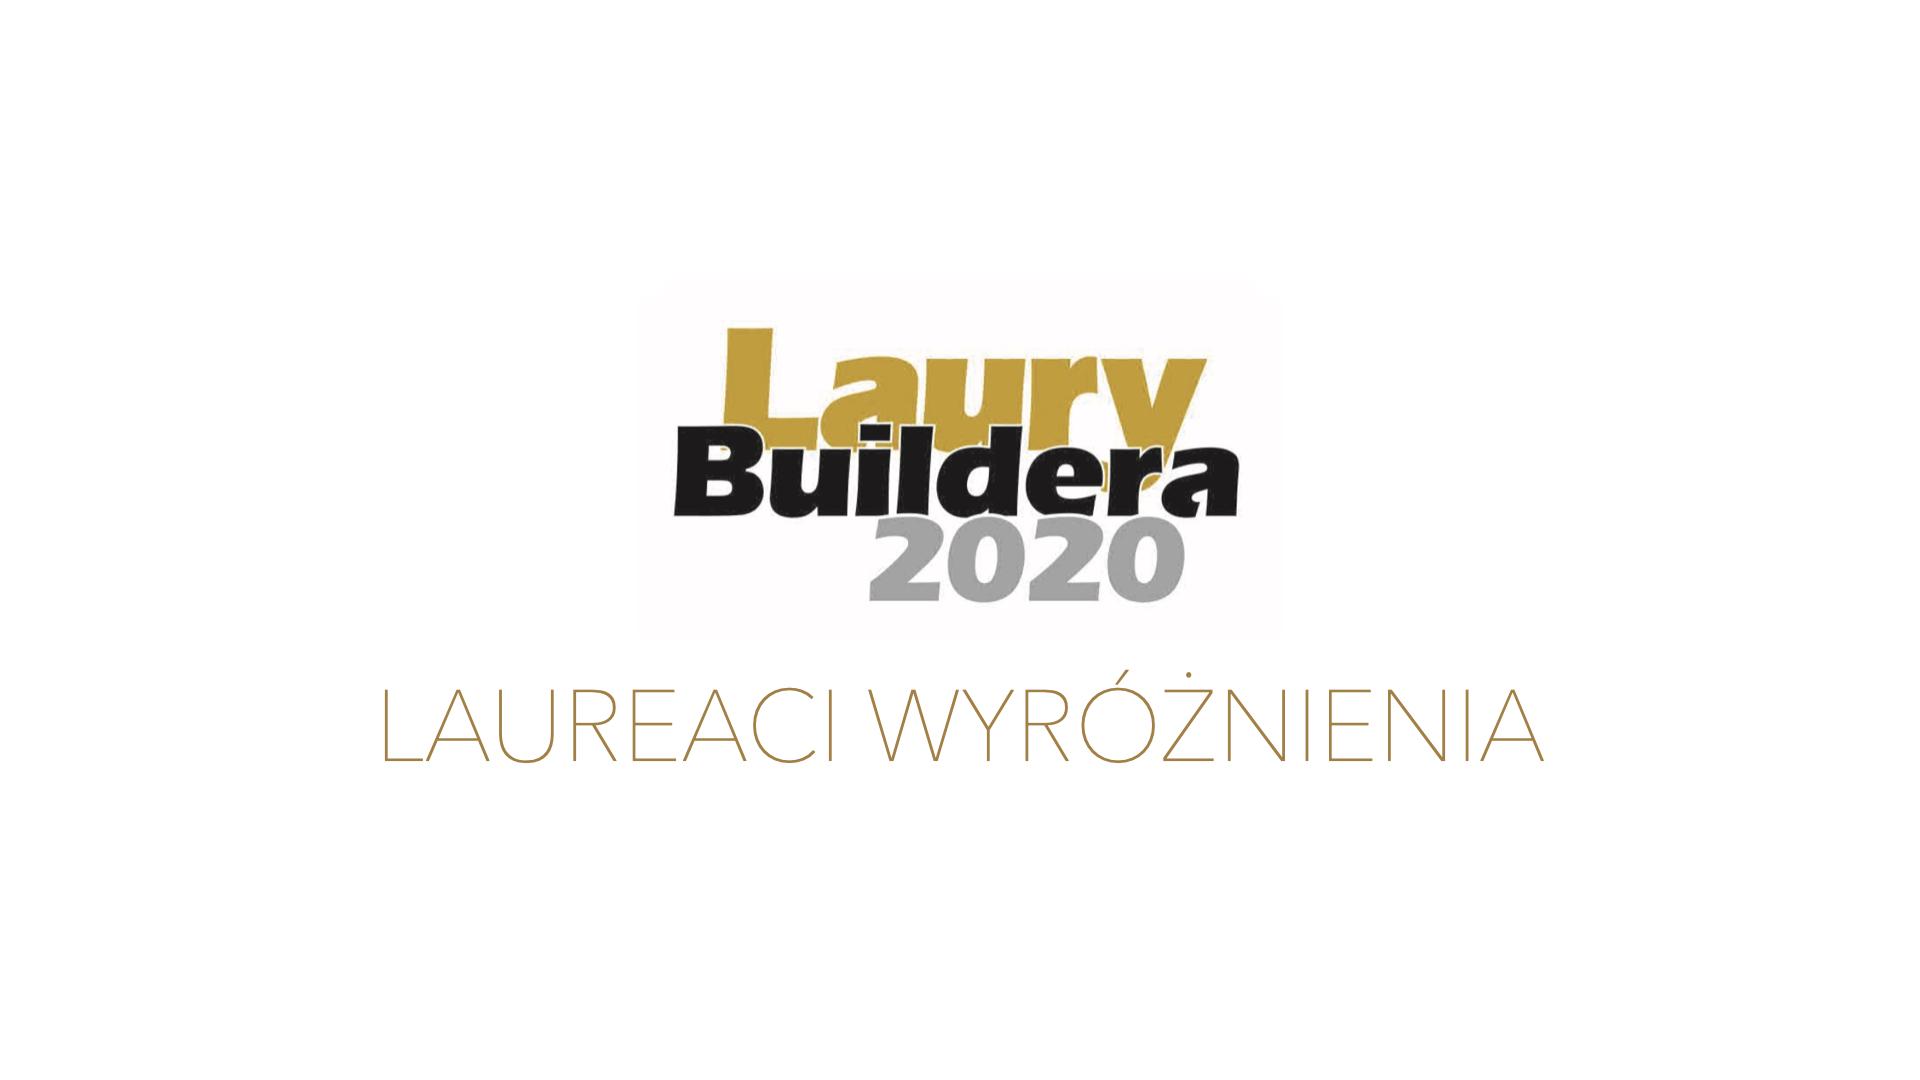 LAUREACI WYRÓŻNIENIA LAURY BUILDERA 2020